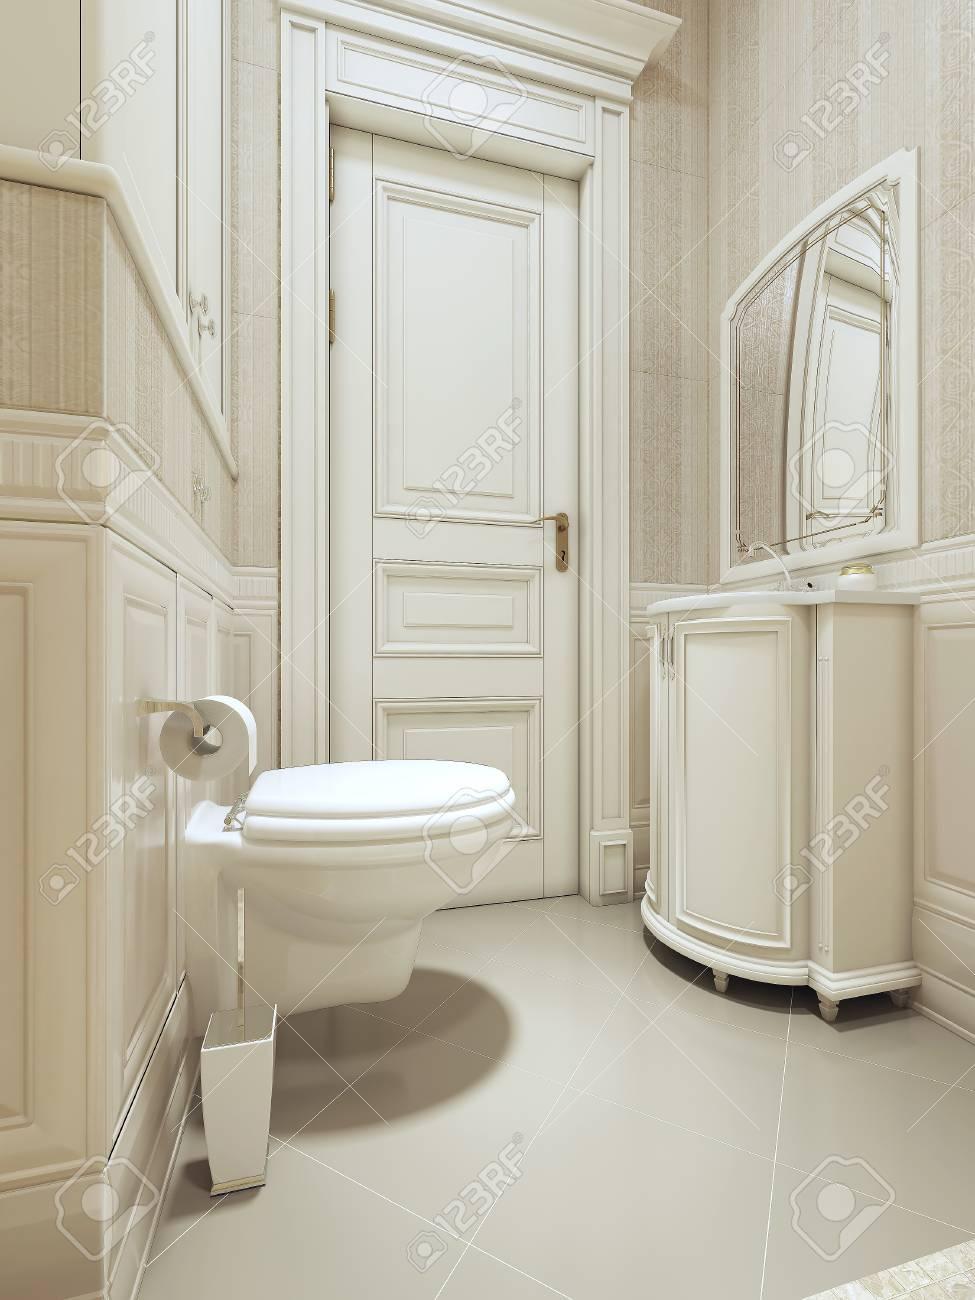 Salle de bains de style art déco. images 3d